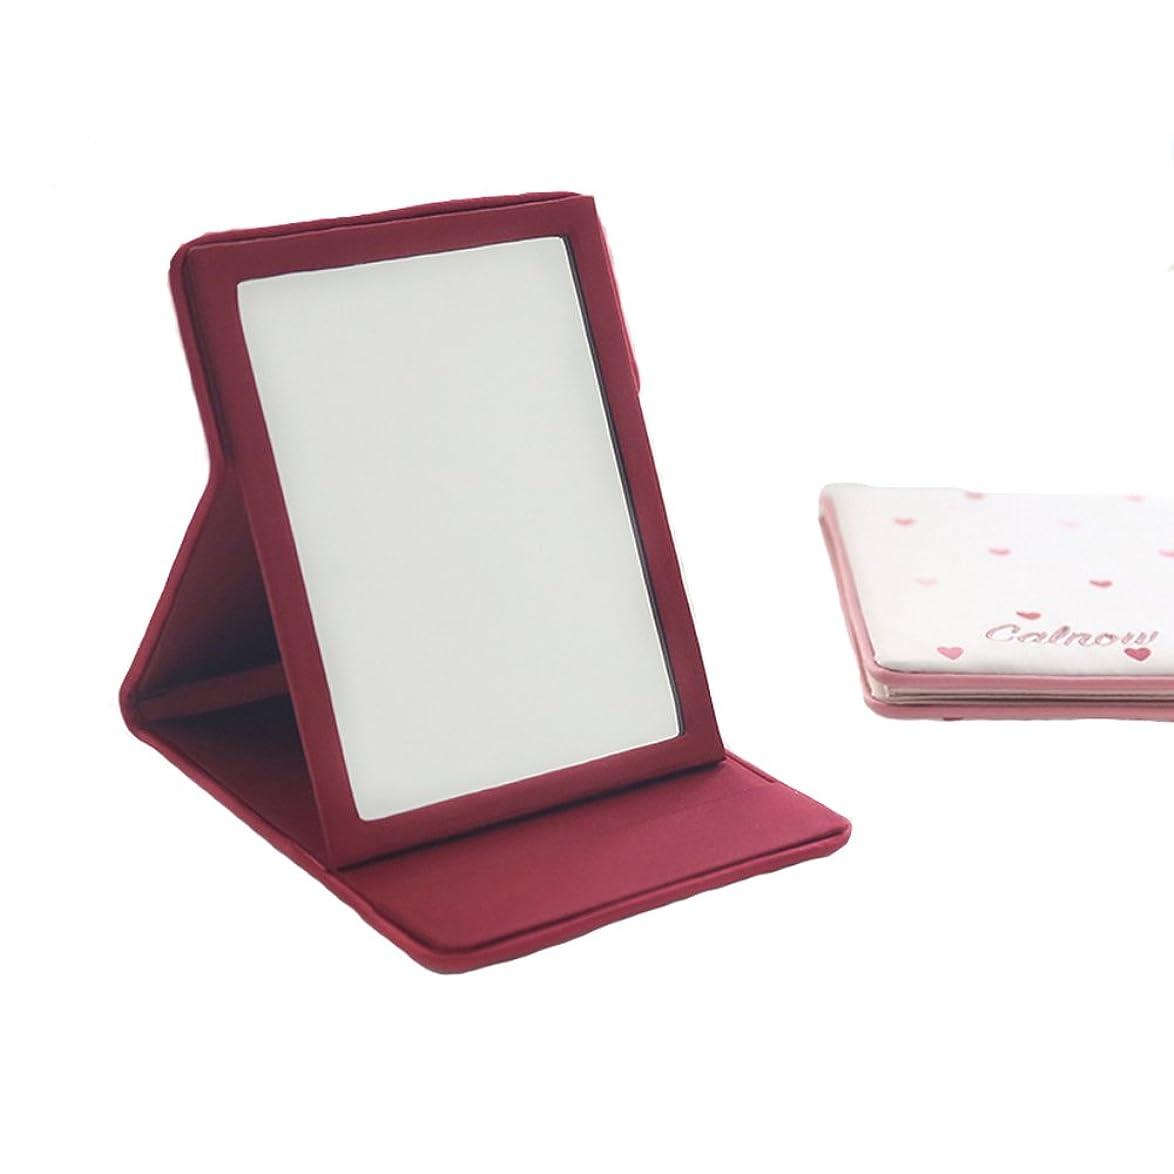 連帯マットマットMYOMYO化粧鏡 卓上ミラー 卓上スタンドミラー 折りたたみミラー 旅行鏡 旅行適用 (ピンク)